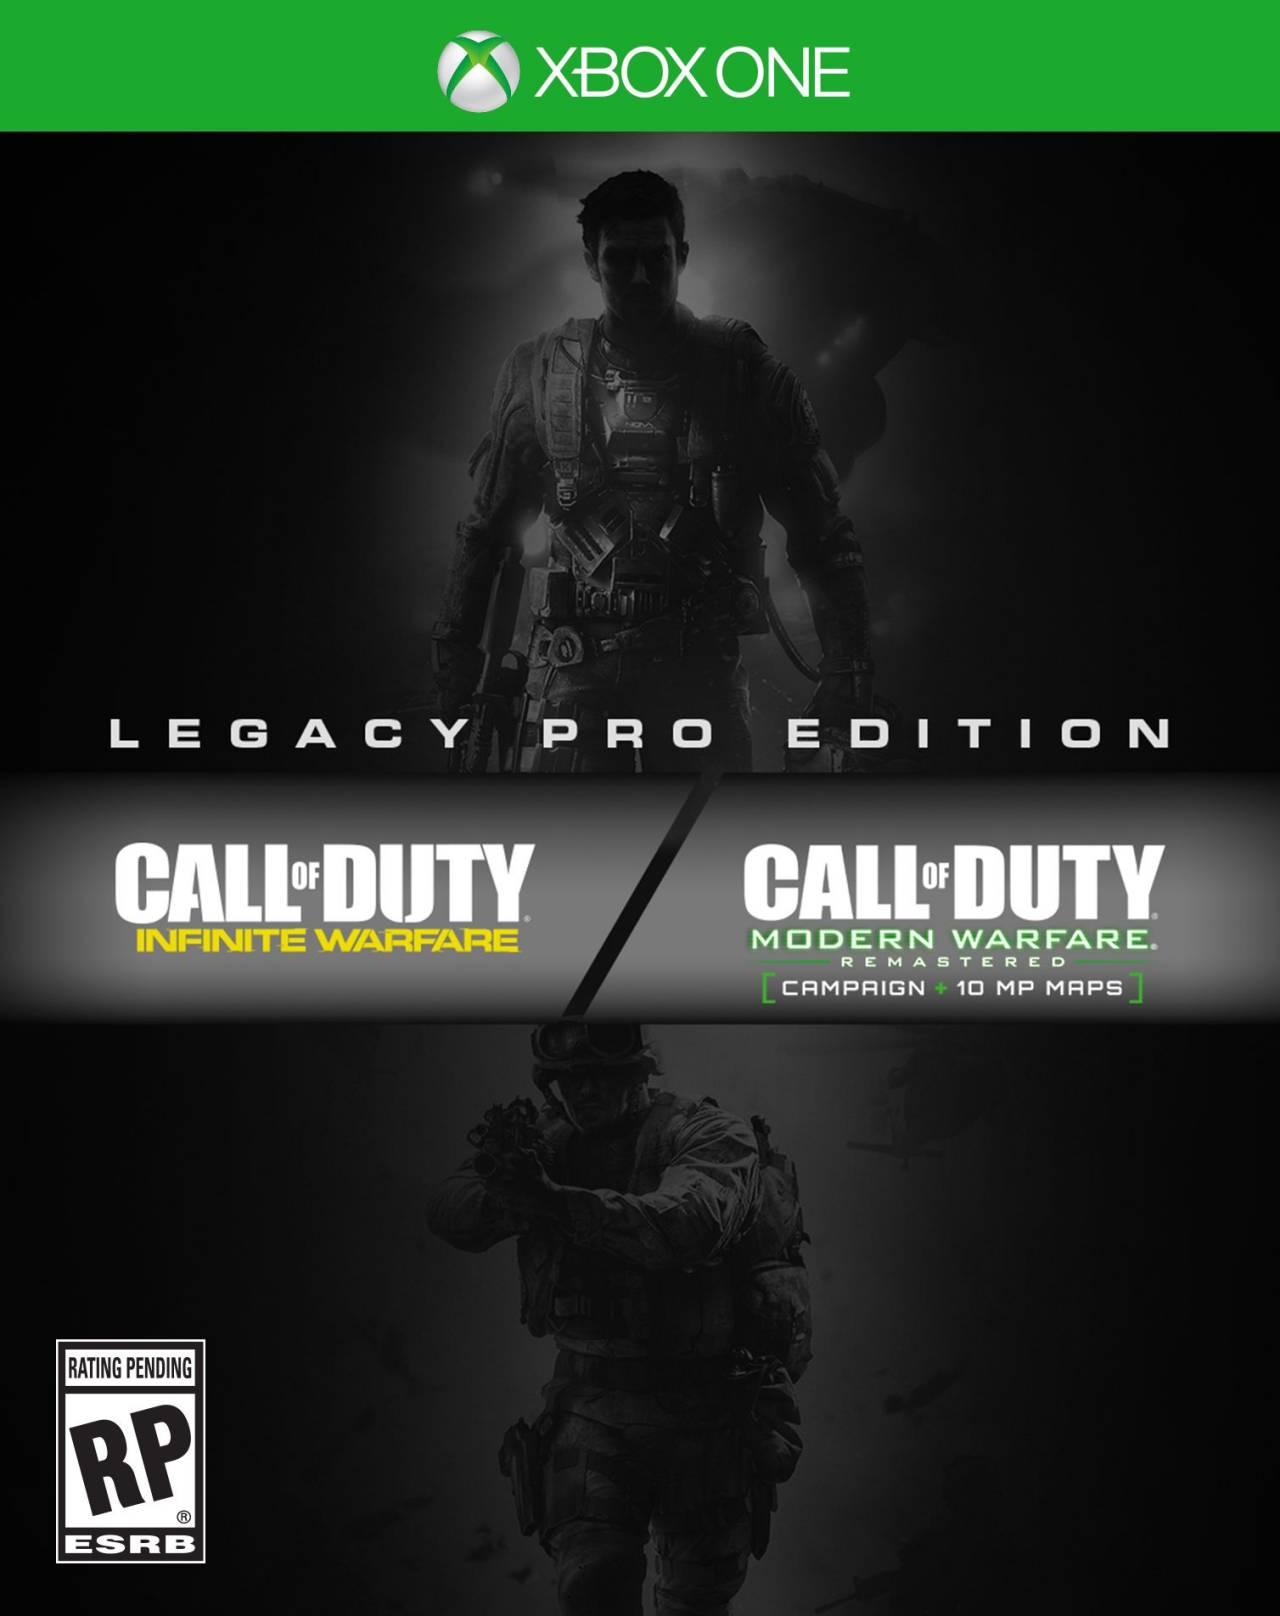 La jaquette de l'édition Legacy Pro d'Infinite Warfare